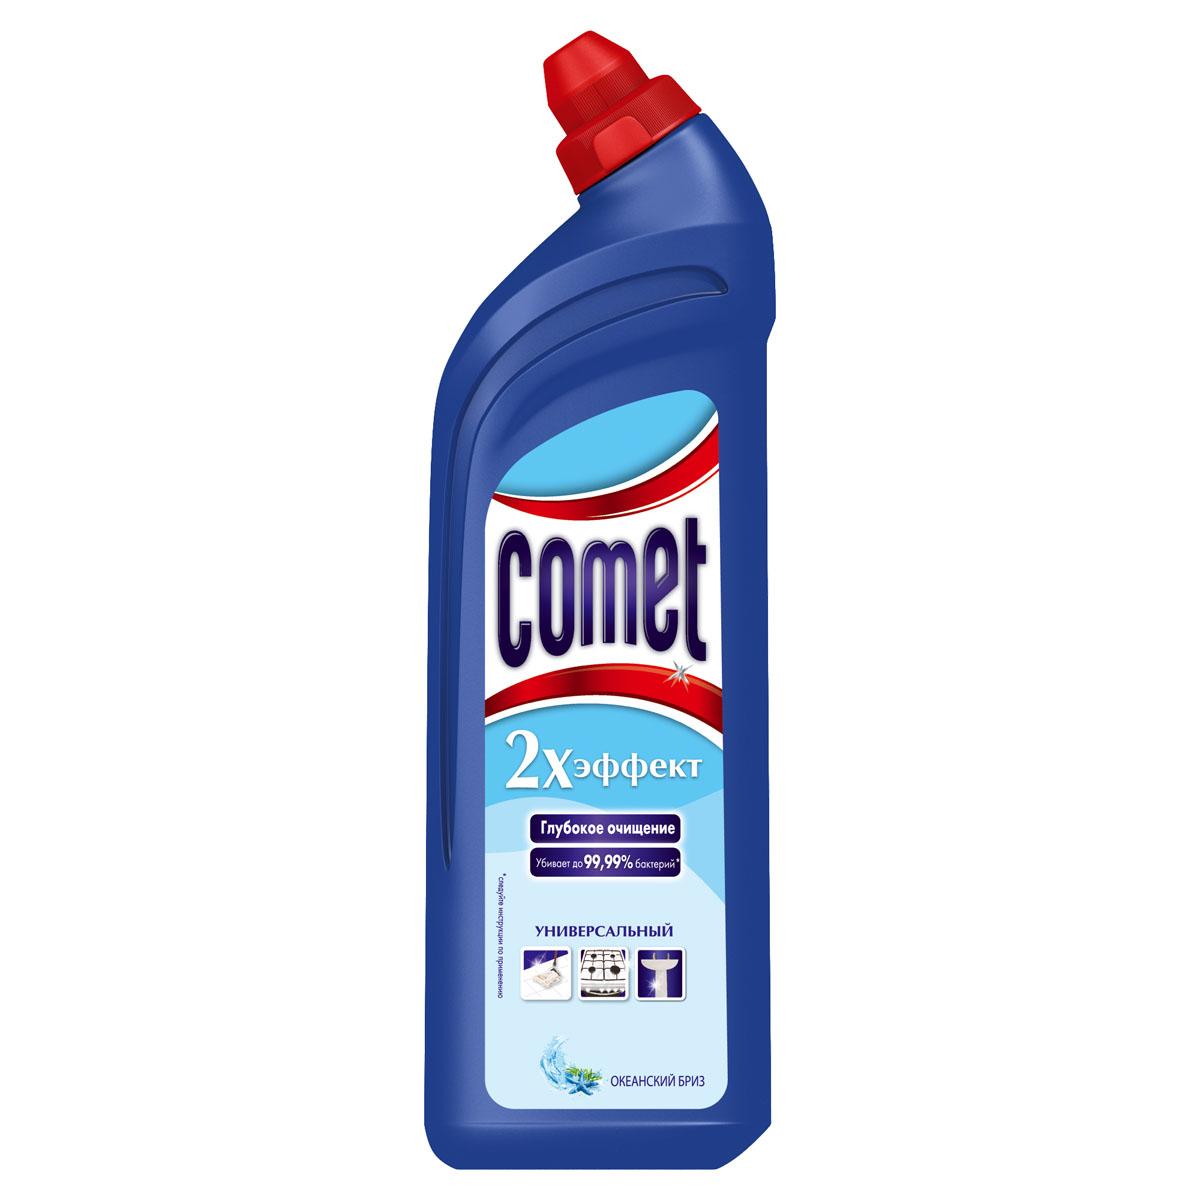 """Универсальный чистящий гель Comet """"Двойной эффект"""" предназначен для глубокого очищения   поверхностей. Эффективно удаляет повседневные загрязнения и обычный жир во всем доме, а   также дезинфицирует поверхности. Средство подходит для плит (в том числе   стеклокерамических), ванн, раковин, унитазов, кафеля, мытья полов. Обладает приятным   ароматом.   Характеристики:  Состав: Объем: 1 л.     Товар сертифицирован.    Уважаемые клиенты!  Обращаем ваше внимание на возможные изменения в дизайне упаковки. Качественные характеристики товара остаются неизменными. Поставка осуществляется в зависимости от наличия на складе.      Как выбрать качественную бытовую химию, безопасную для природы и людей. Статья OZON Гид"""